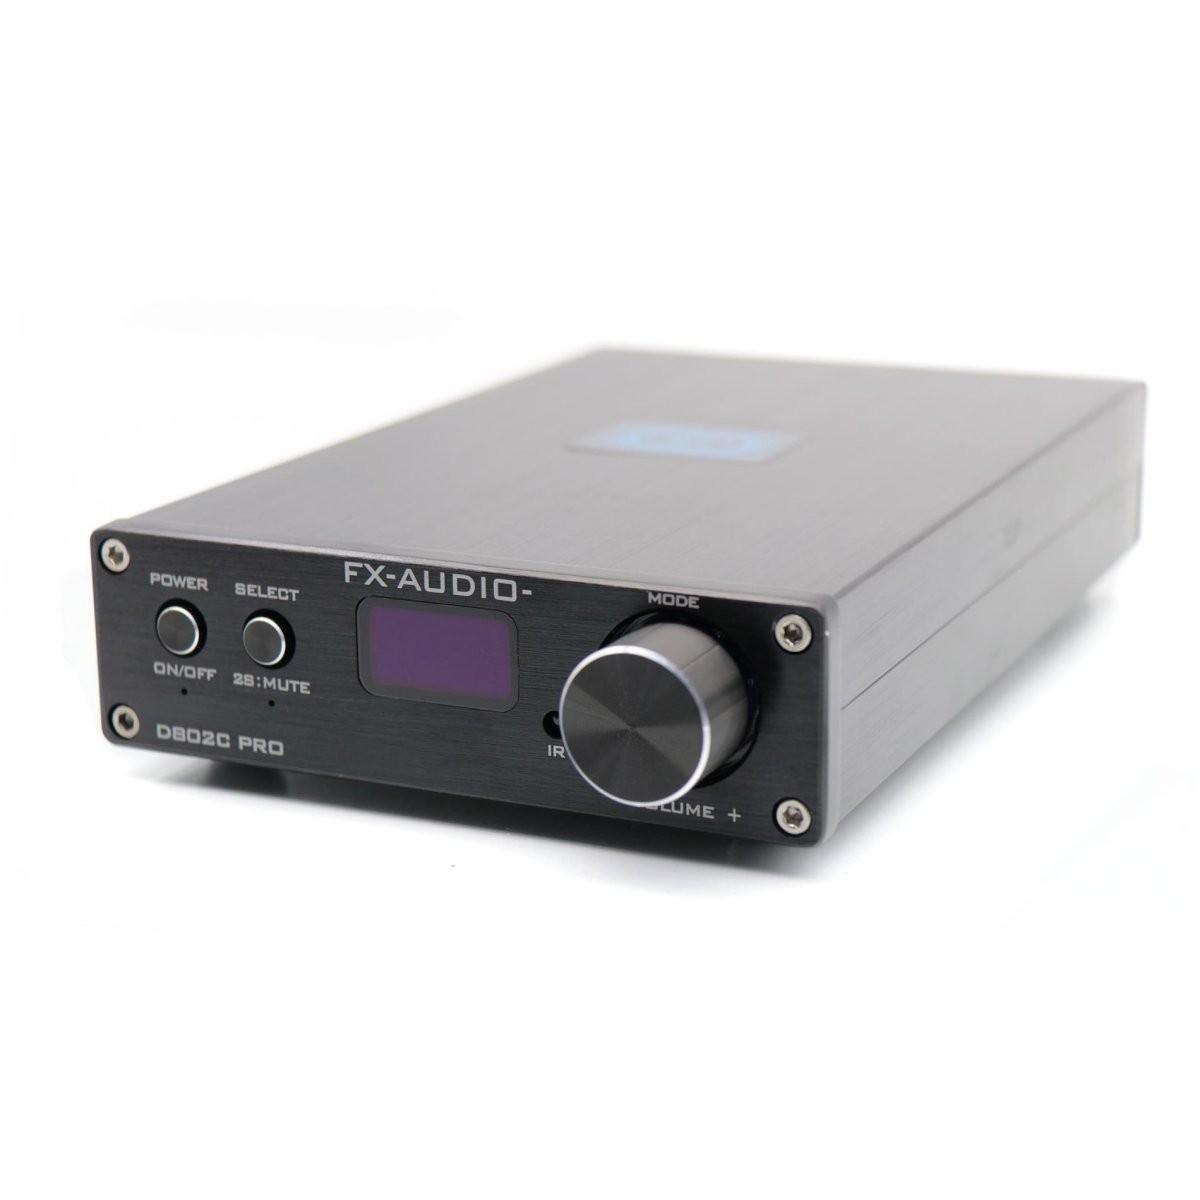 FX-AUDIO D802C PRO Amplificateur FDA Bluetooth 4.2 NFC Class D STA326 2x80W / 4 Ohm Noir